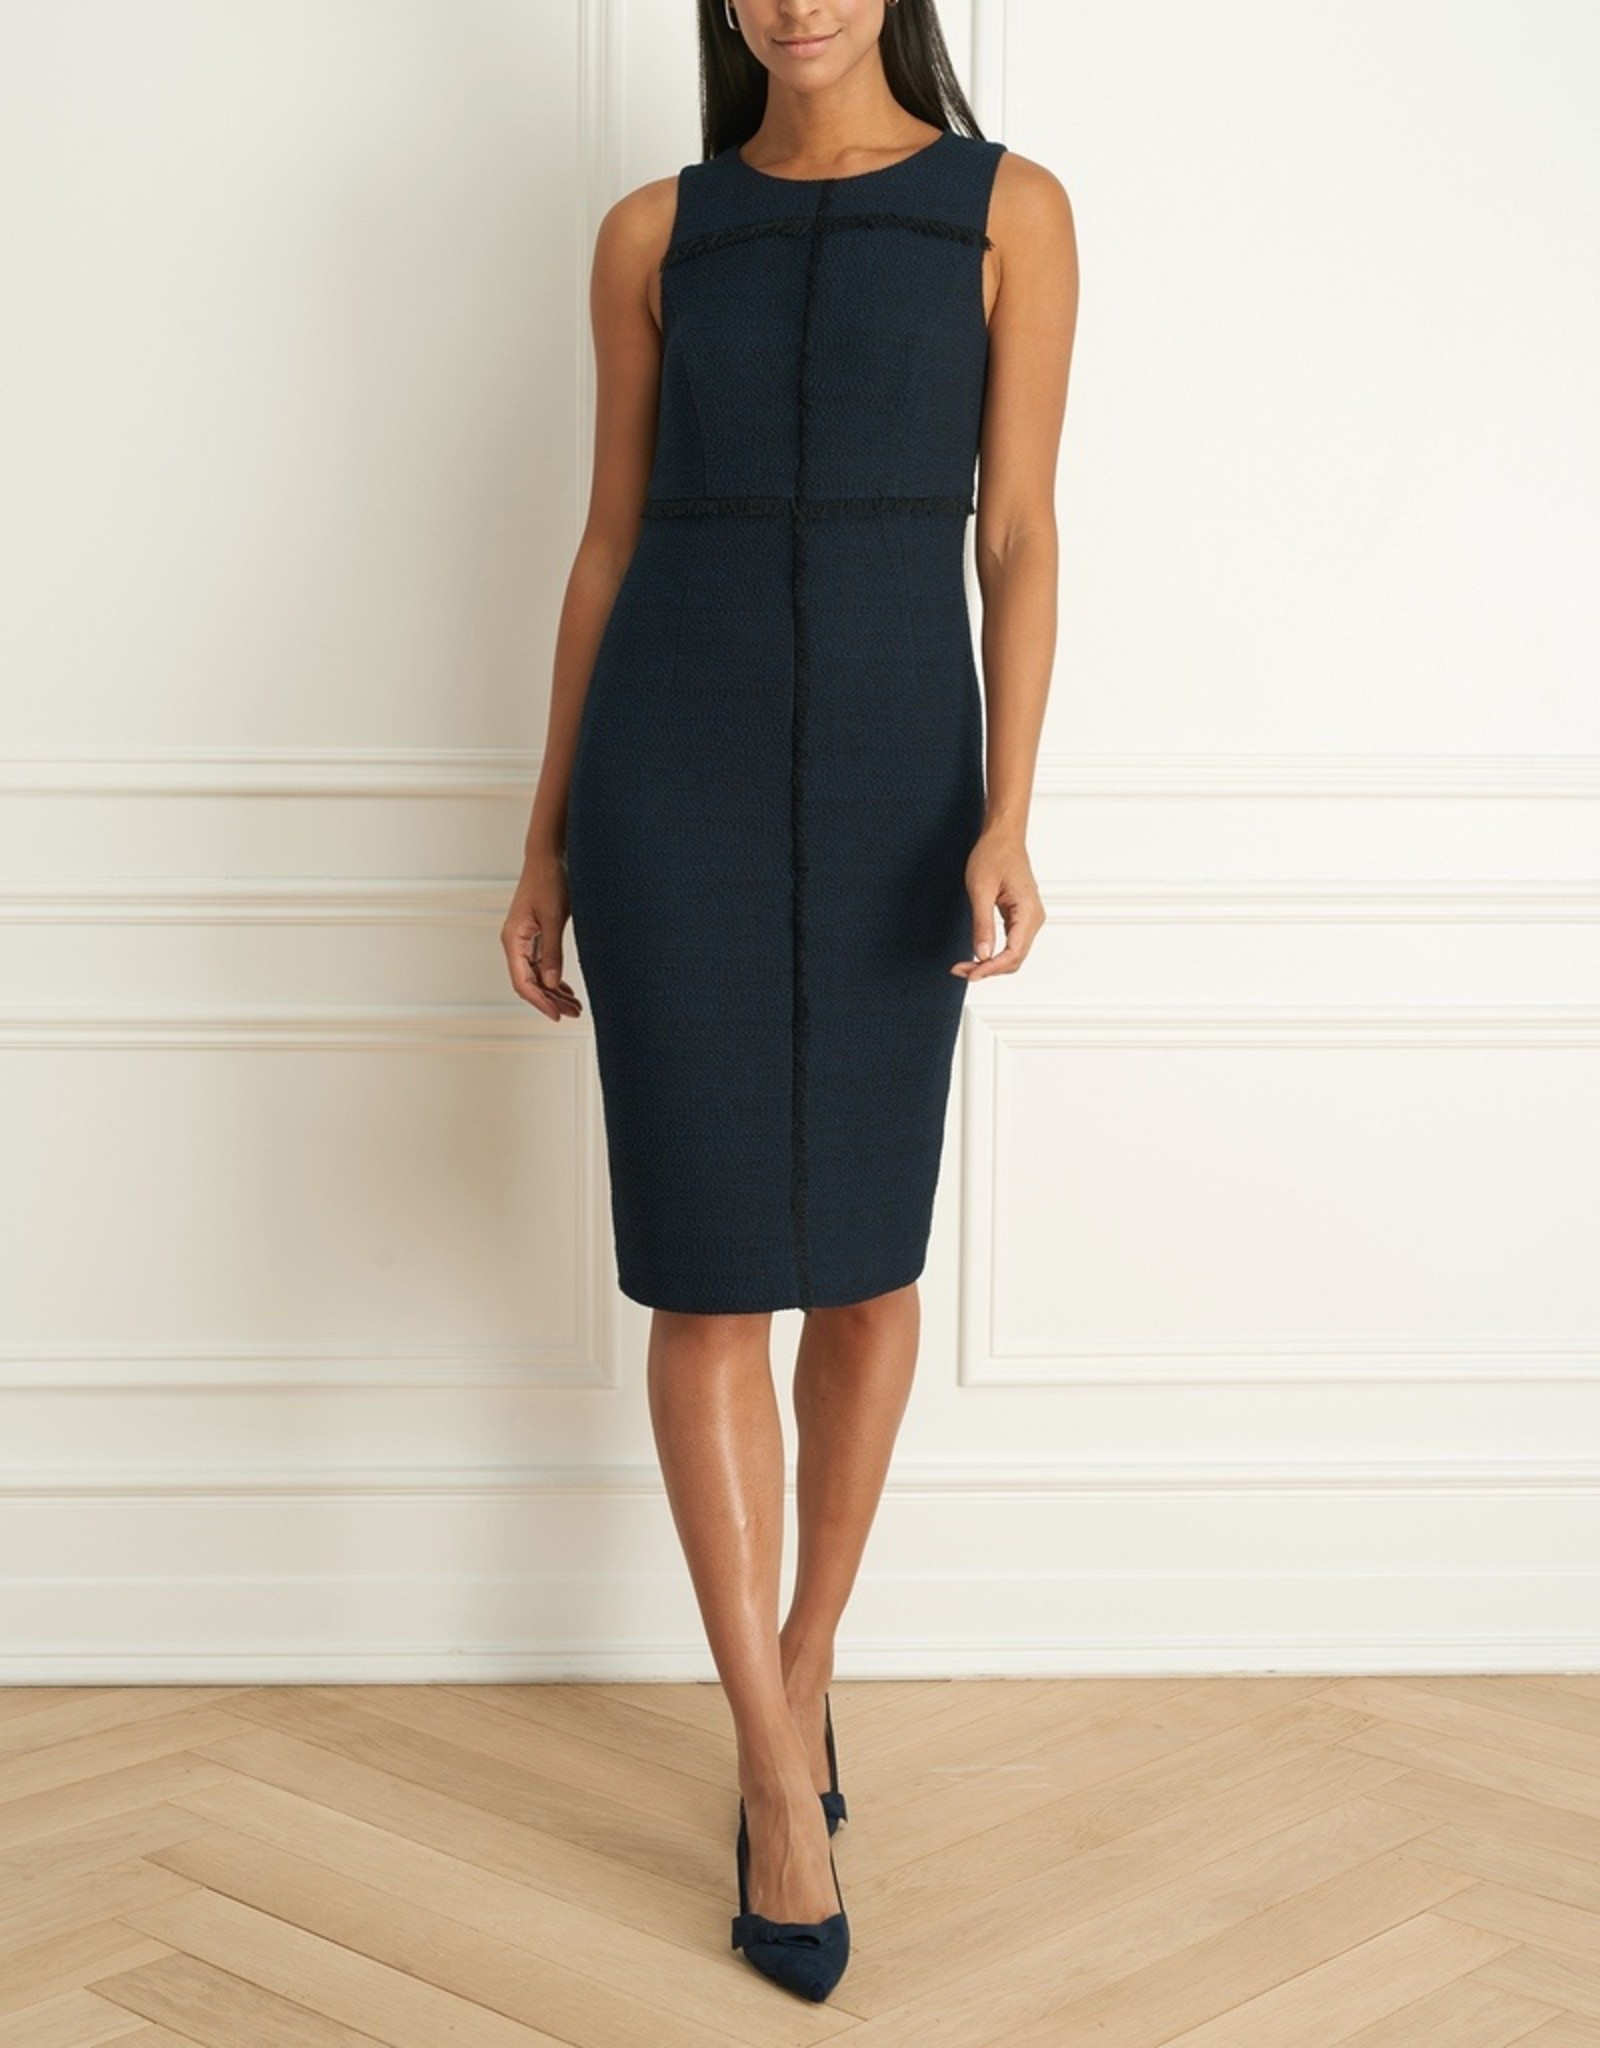 Iris Iris Setlakwe Chanel Tweed Dress